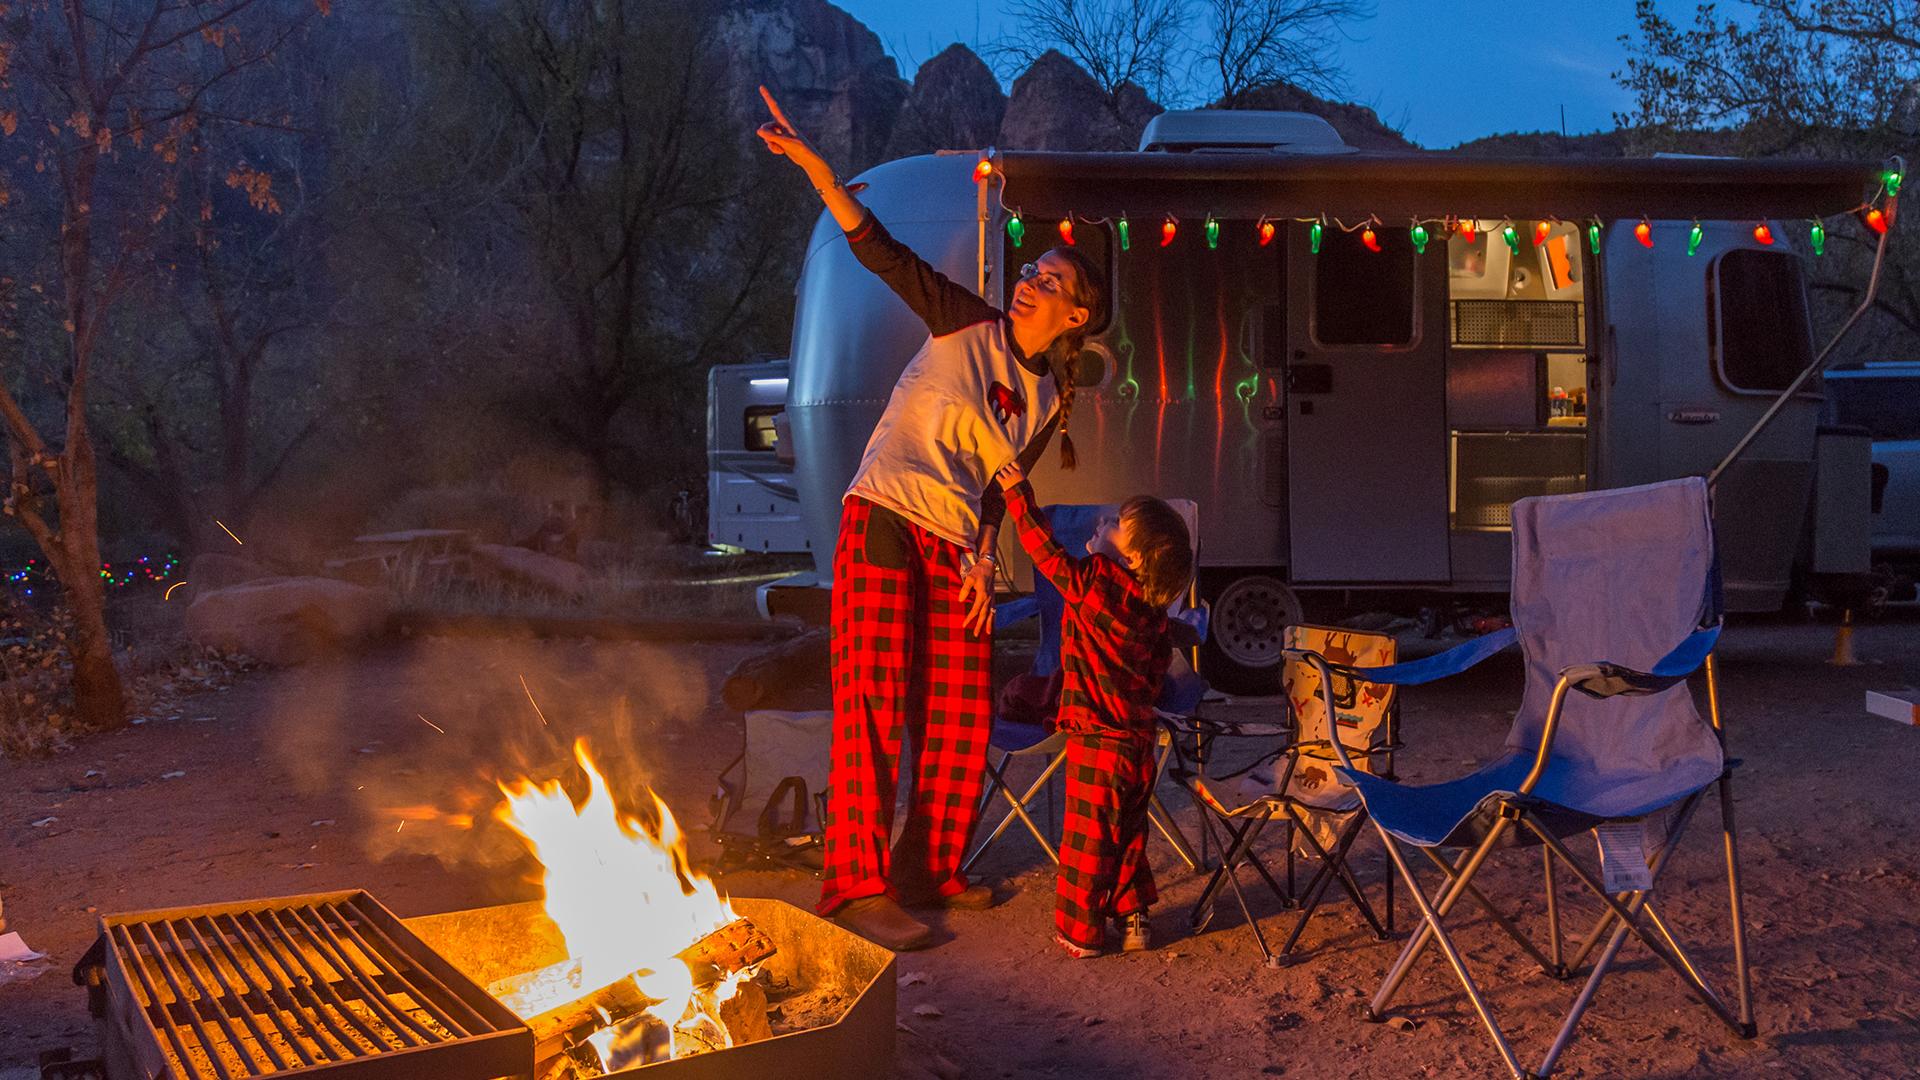 Airstream-Ambassador-Nina-at-Campfire-with-Travel-Trailer